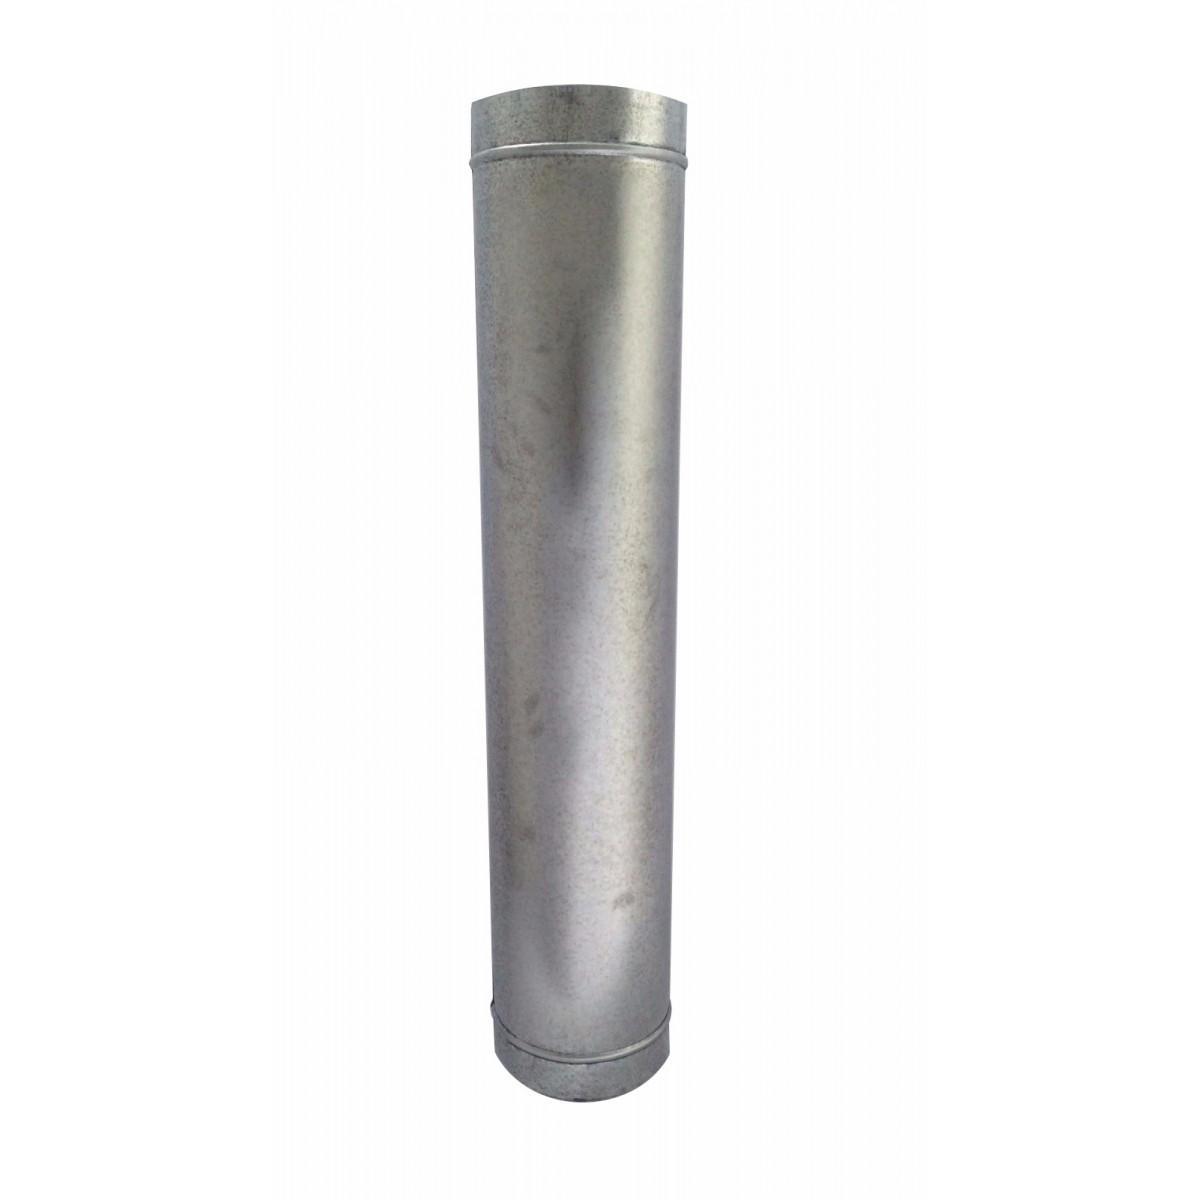 Duto galvanizado para chaminé de 115 mm de diâmetro  - Galvocalhas